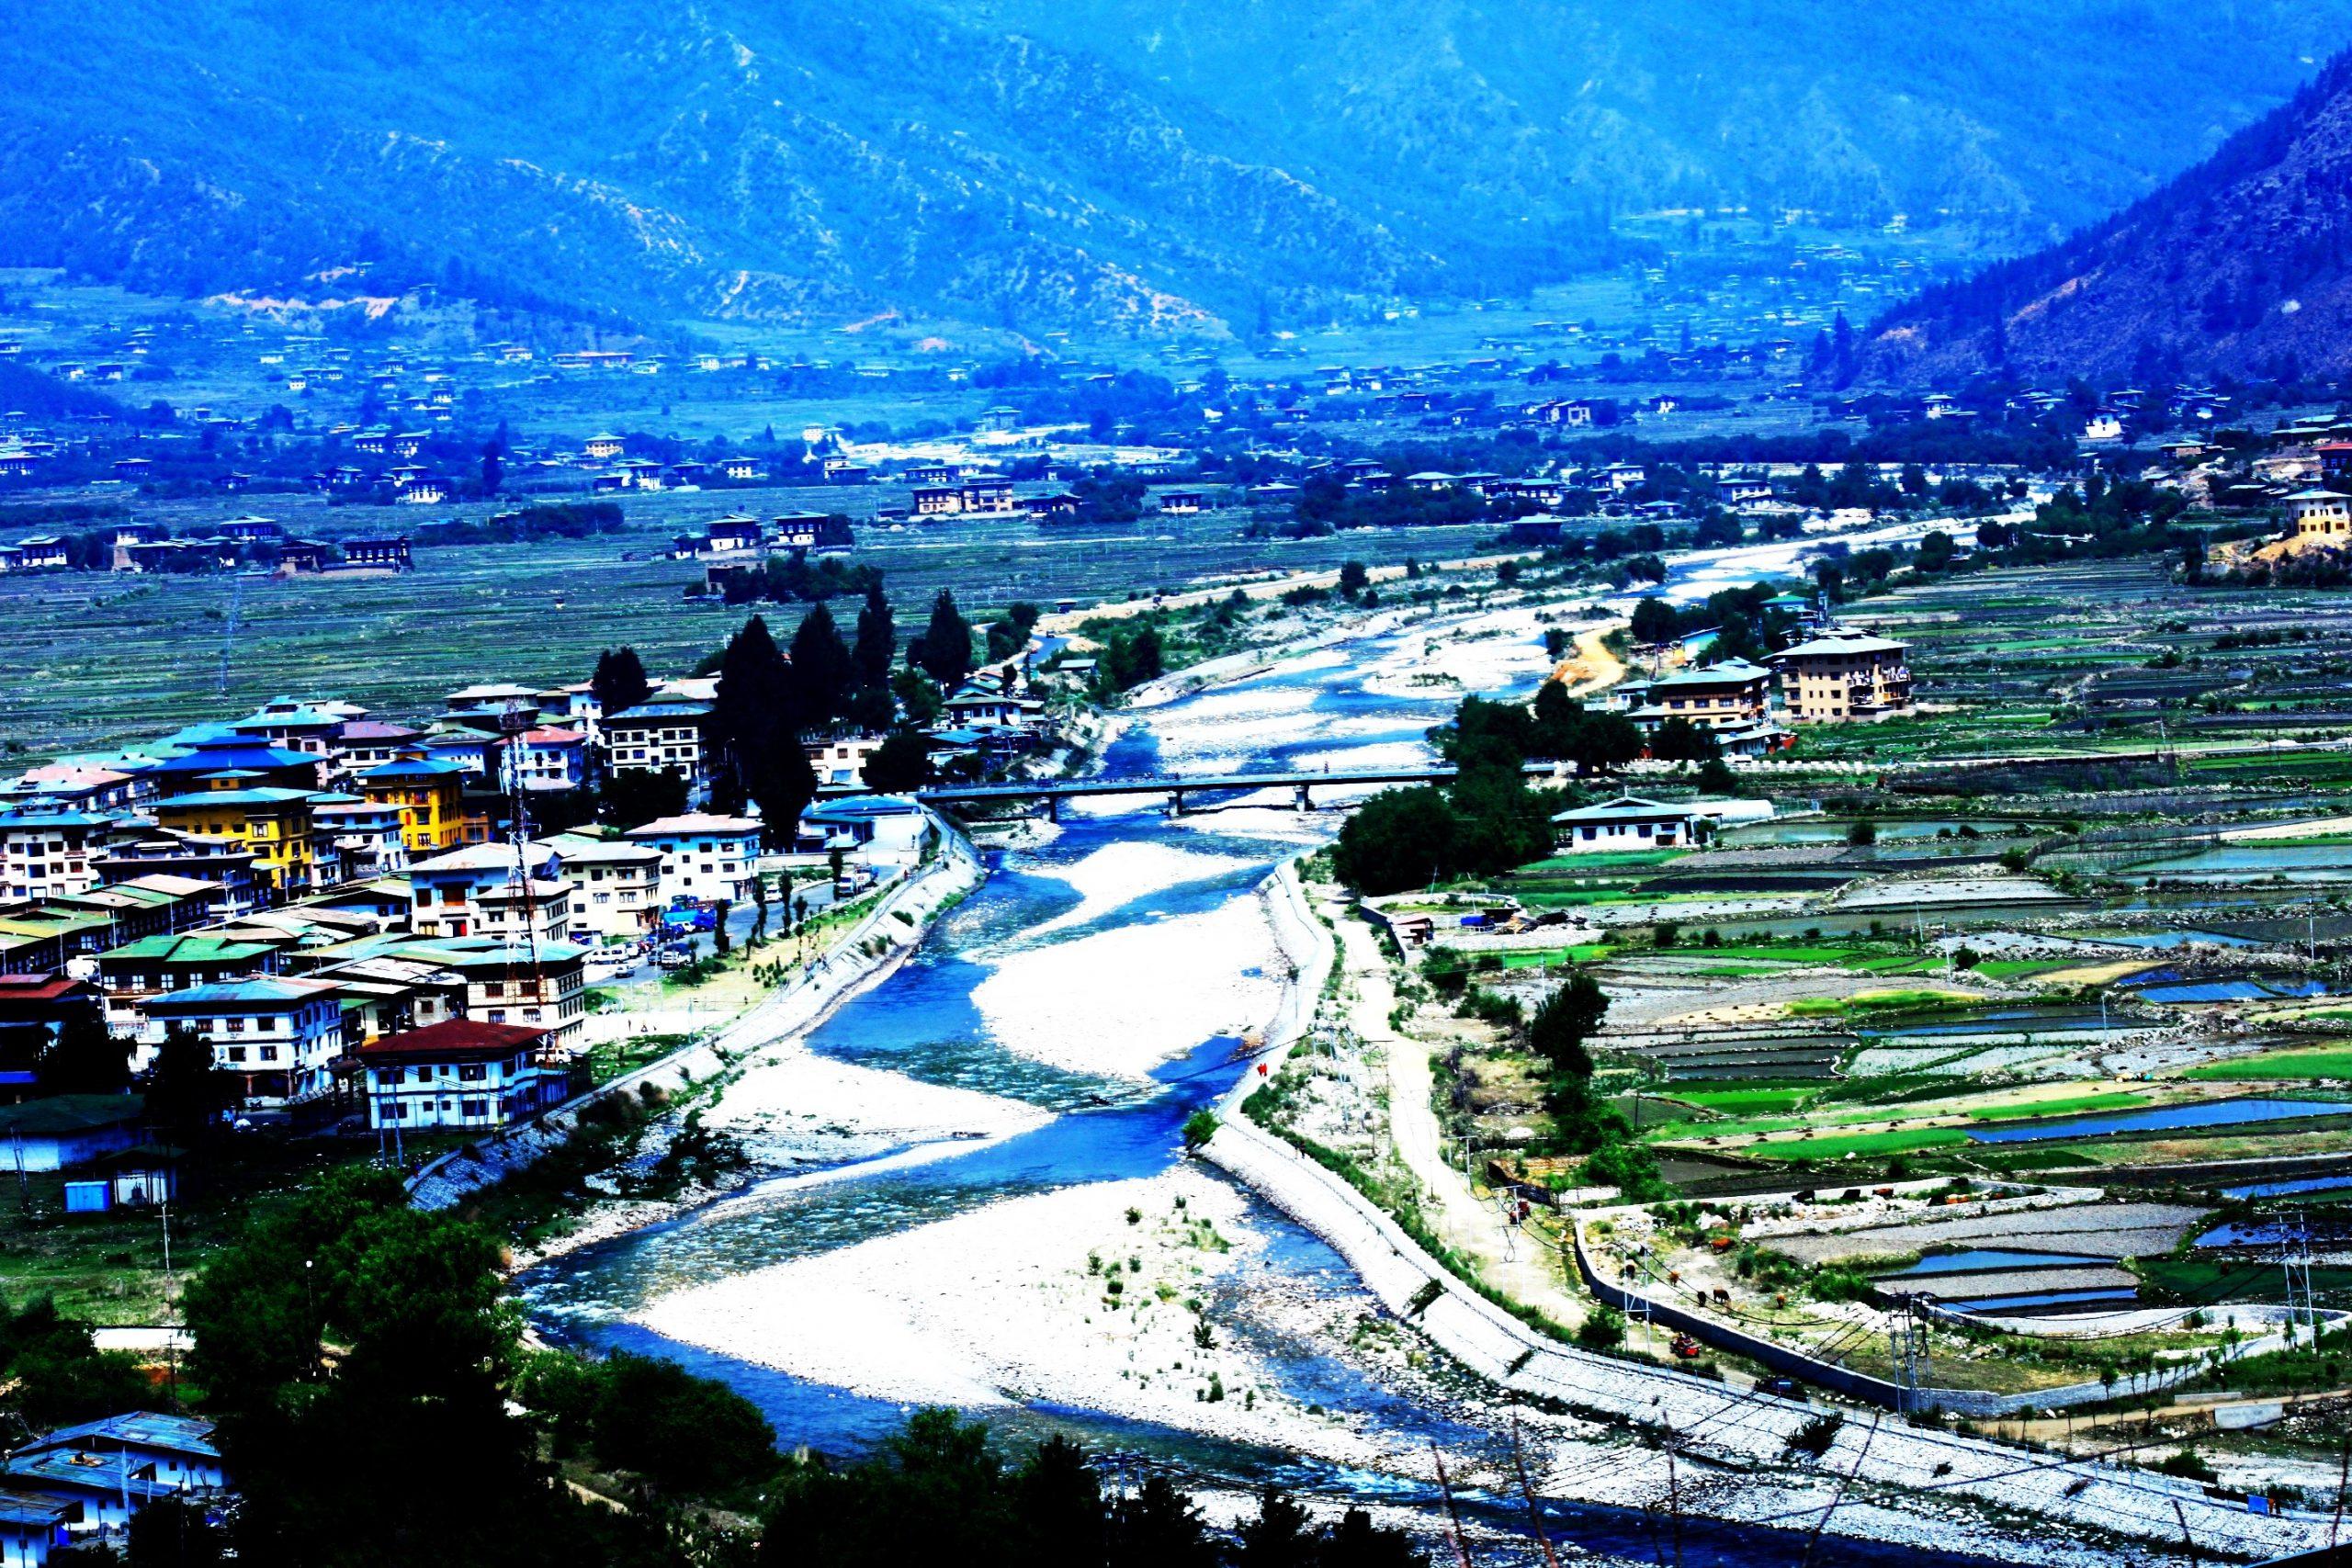 Paro chu river flowing in Paro, Bhutan